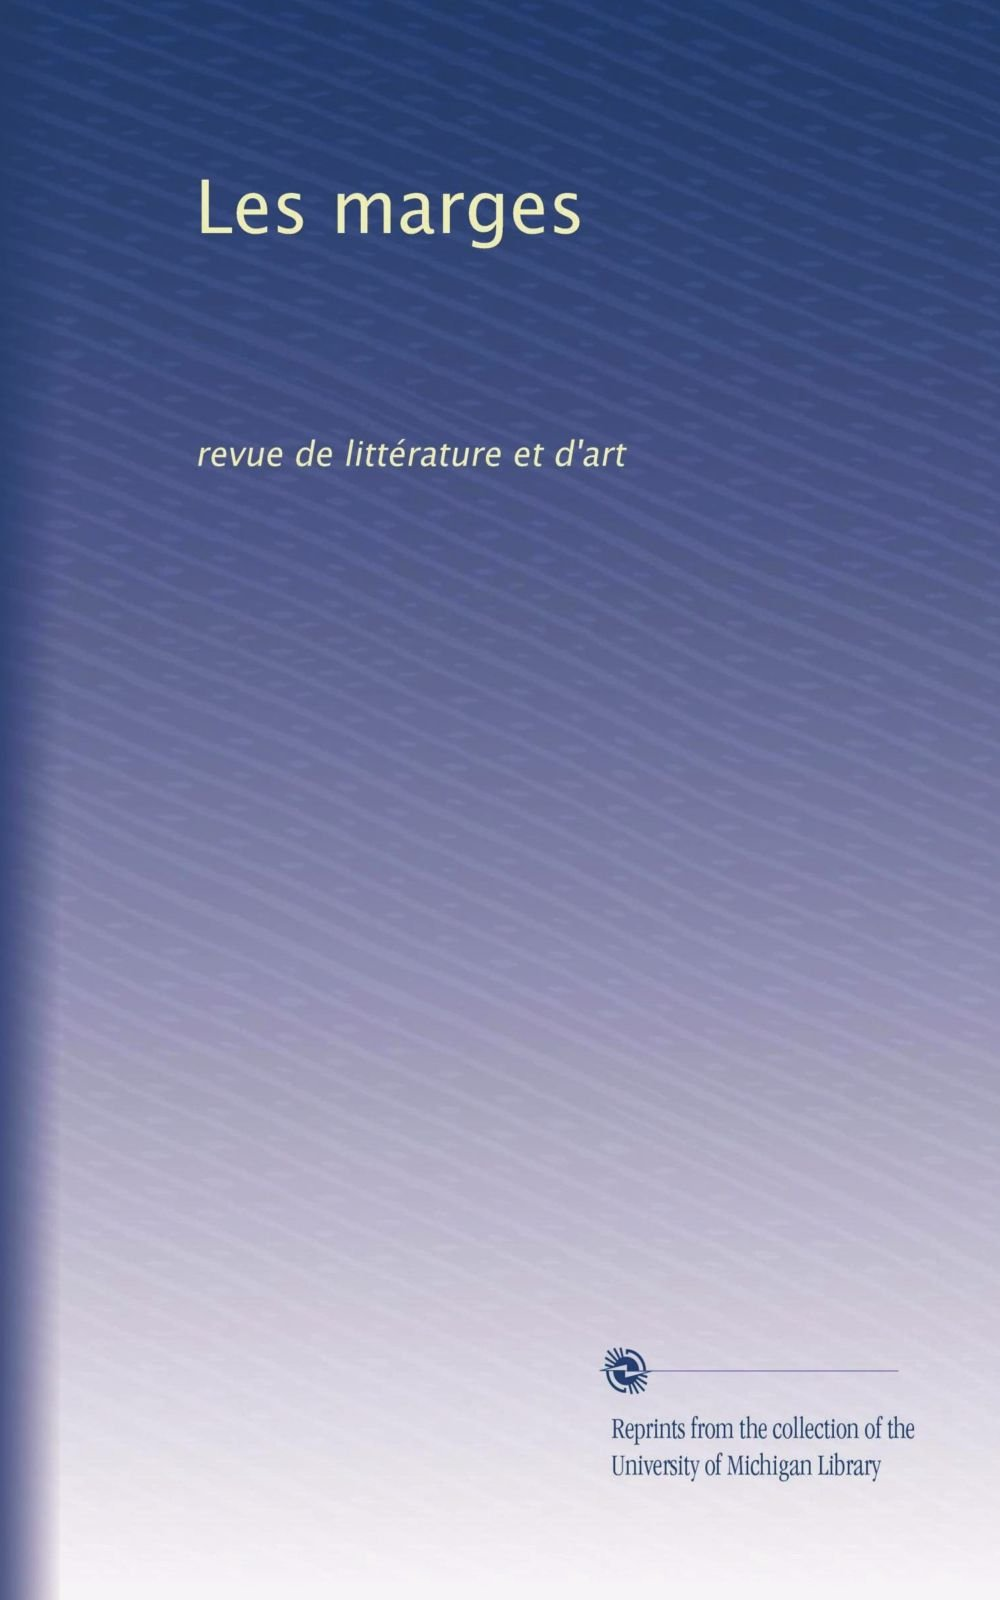 Read Online Les marges: revue de littérature et d'art (Volume 2) (French Edition) pdf